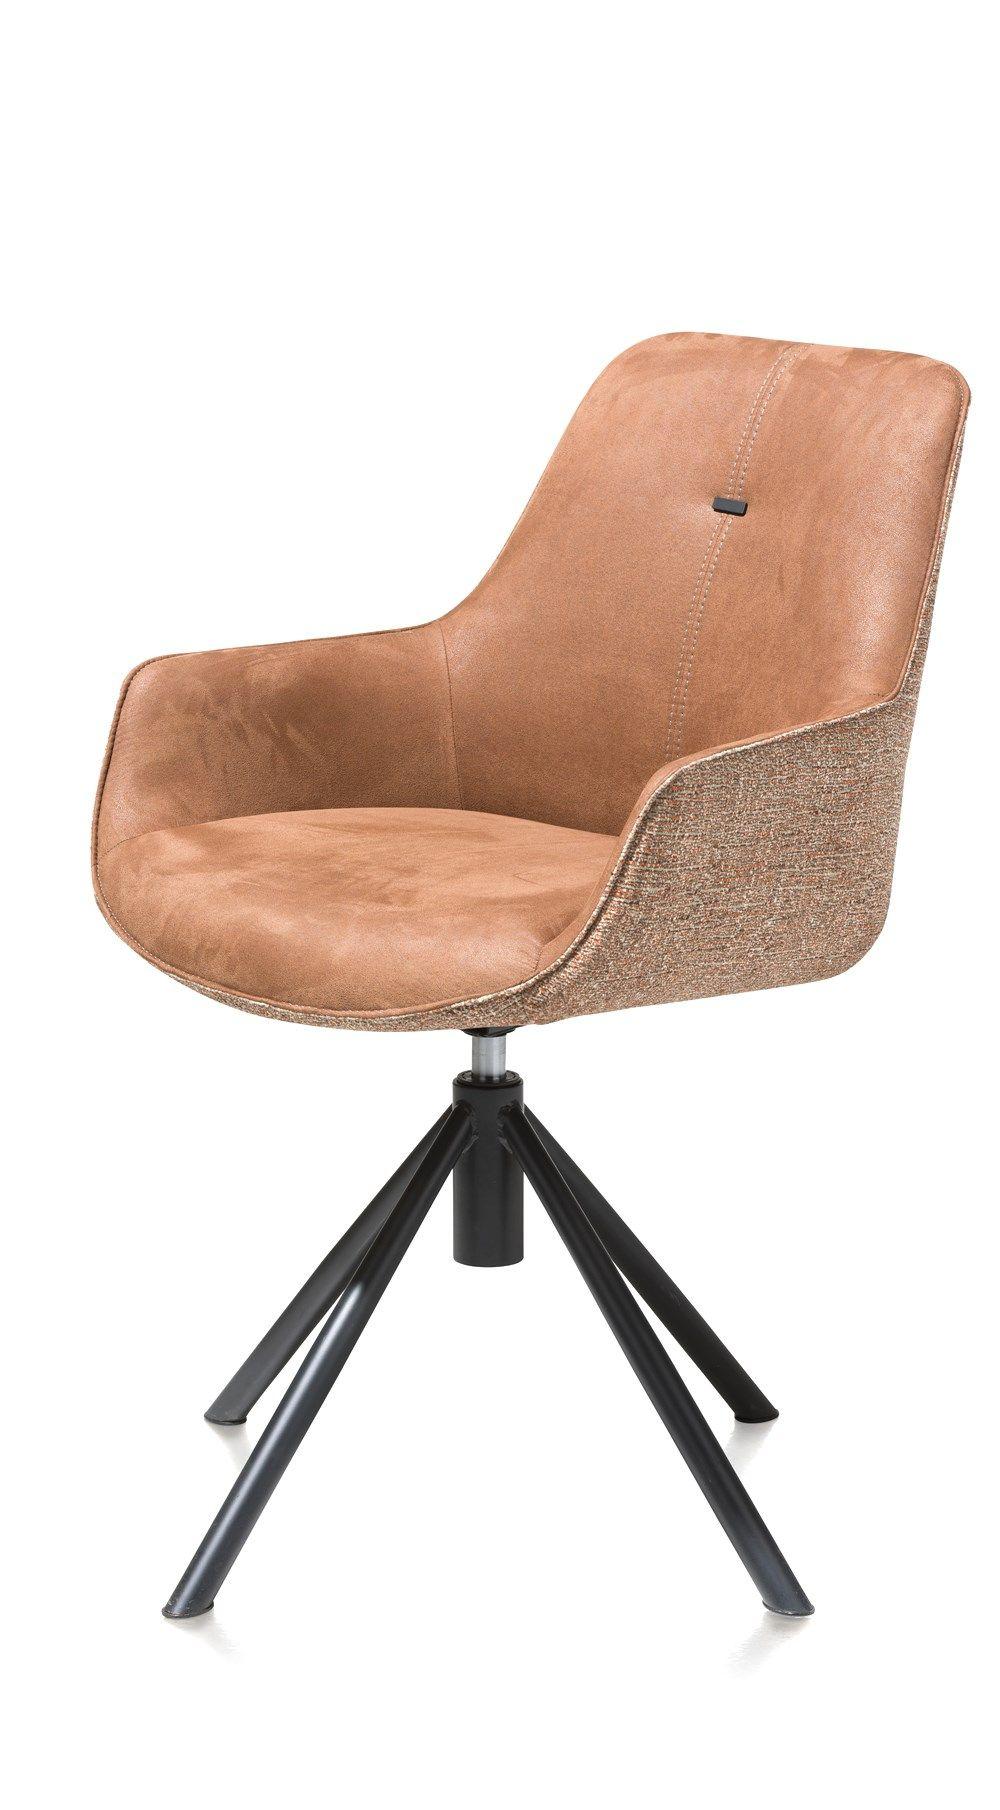 179€ Der Moderne Stuhl Jill Von Der Firma Habufa Ist Ein